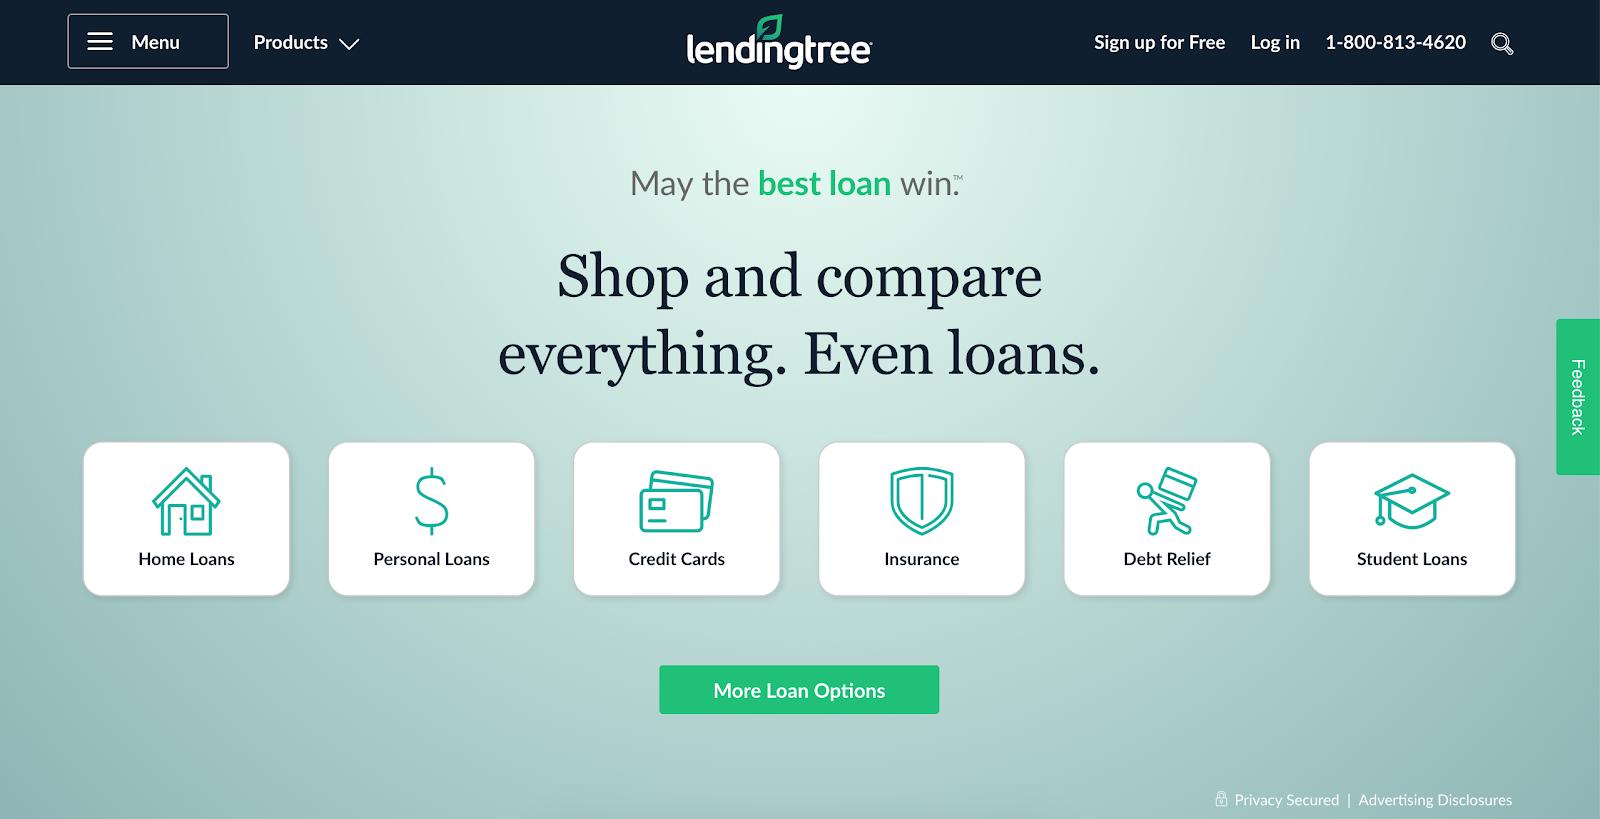 Lending Tree Quiz